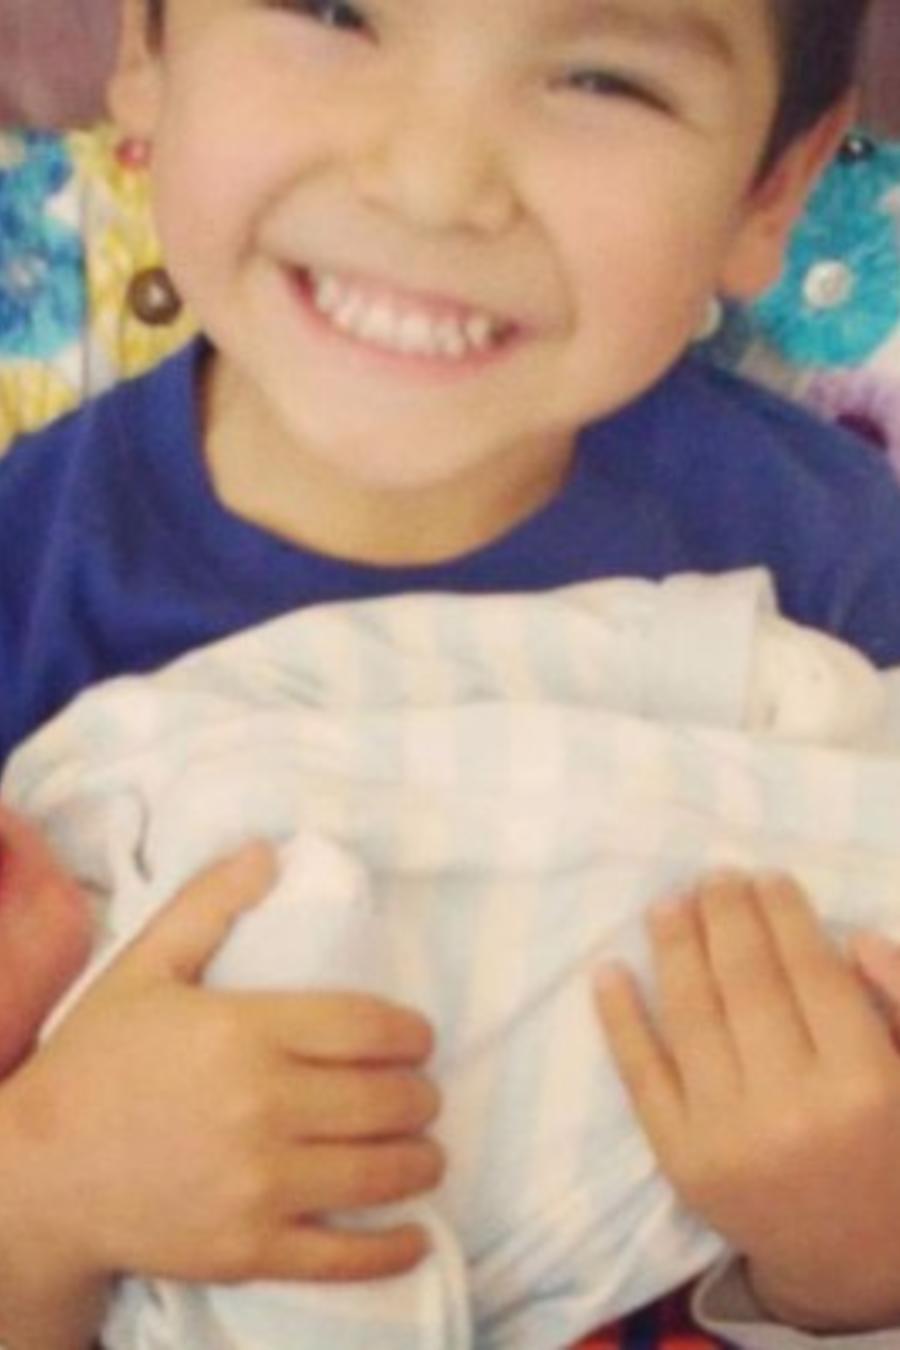 Ryu Pena, el niño fallecido, con su hermanito en brazos